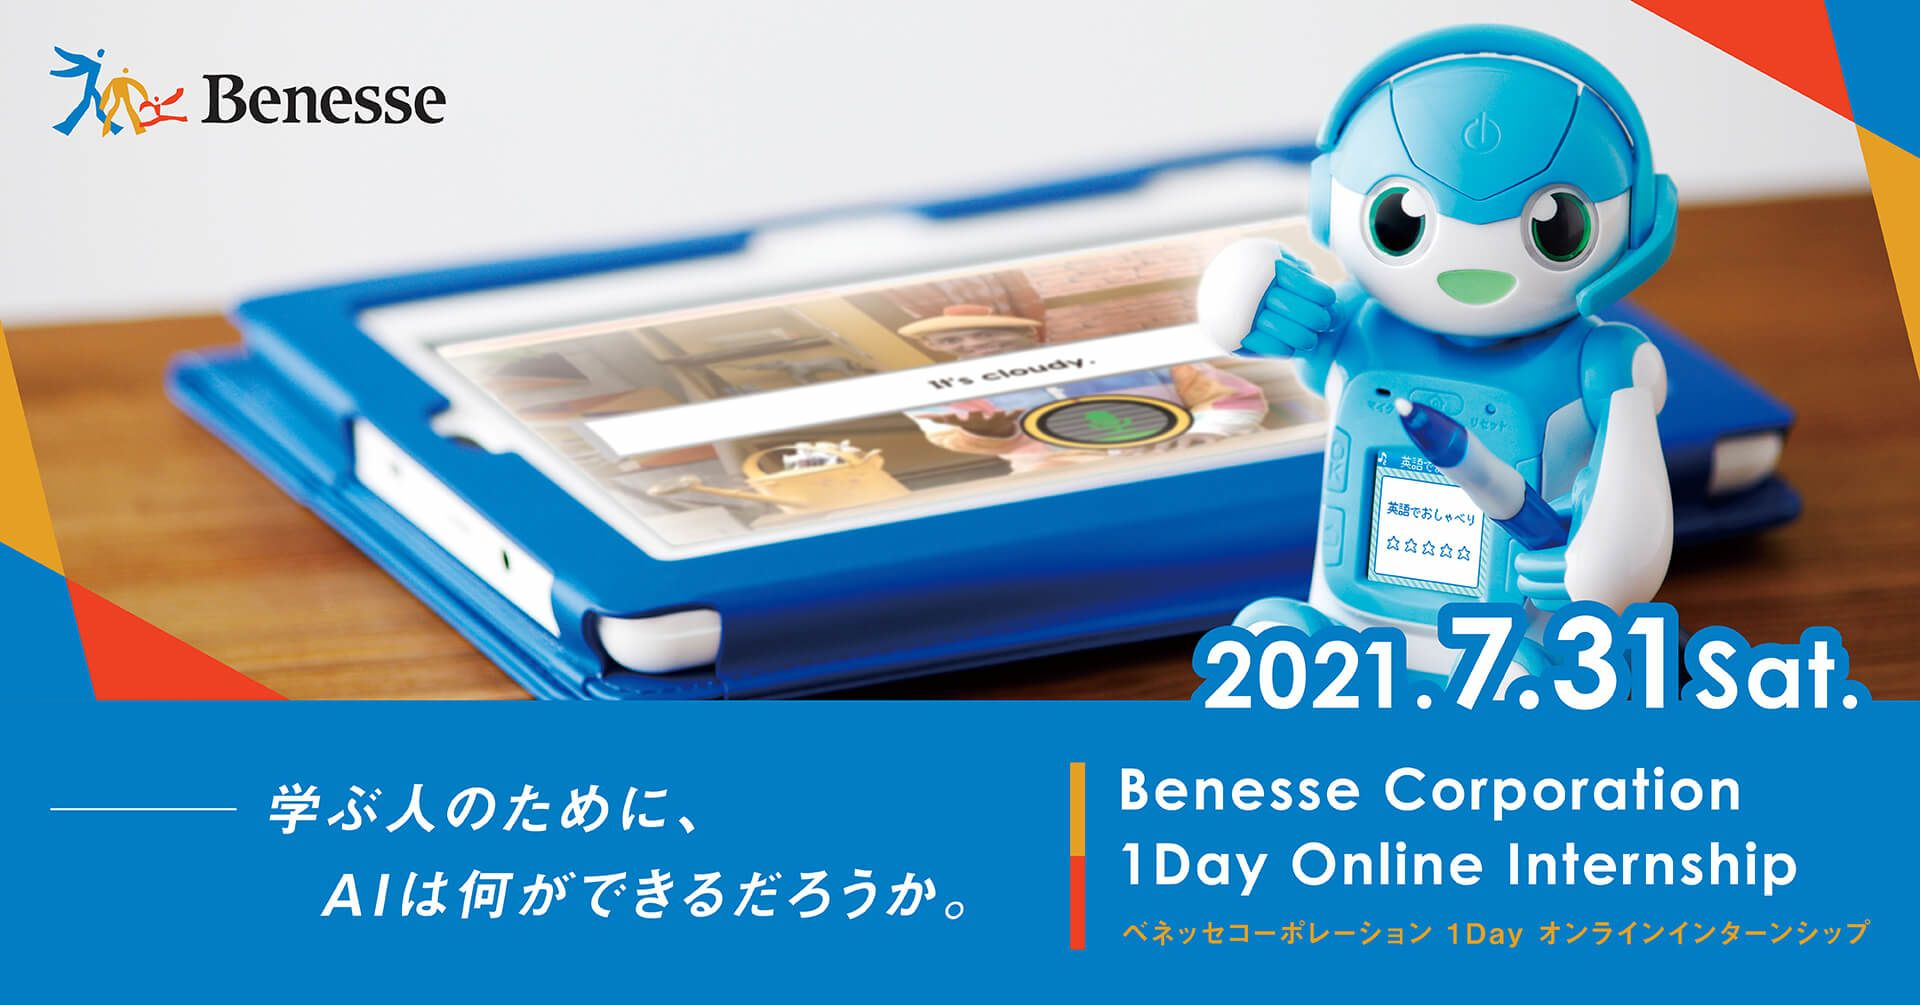 【業界1位】ベネッセコーポレーション1Dayオンラインインターンシップ -ベネッセと考える教育×AI 2021-